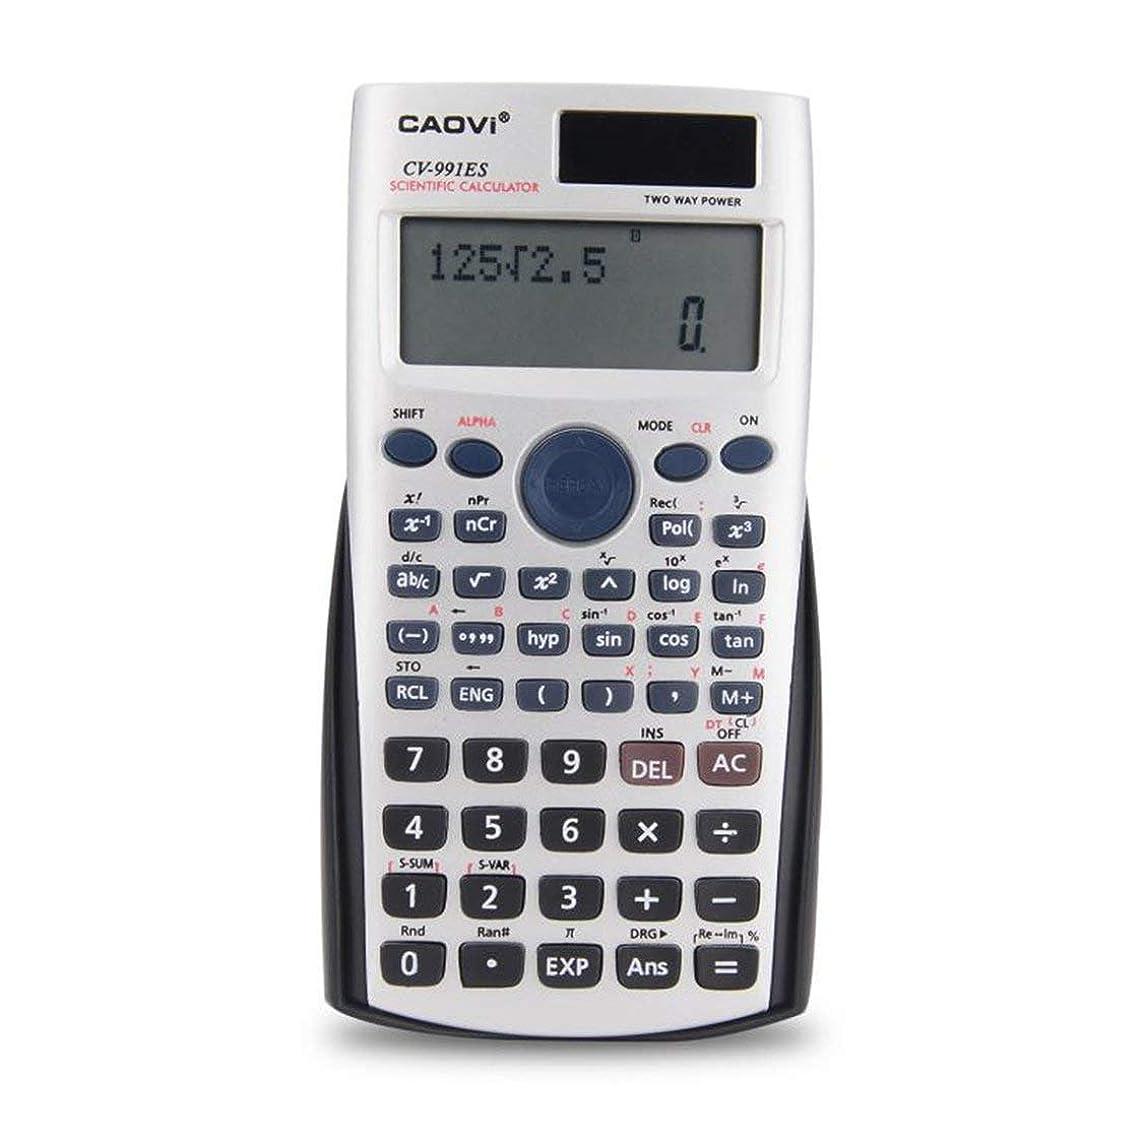 うっかりジャケット納税者ハンドヘルドプロフェッショナル多機能LCD 2ラインディスプレイ科学電卓太陽電池式会計数学電卓